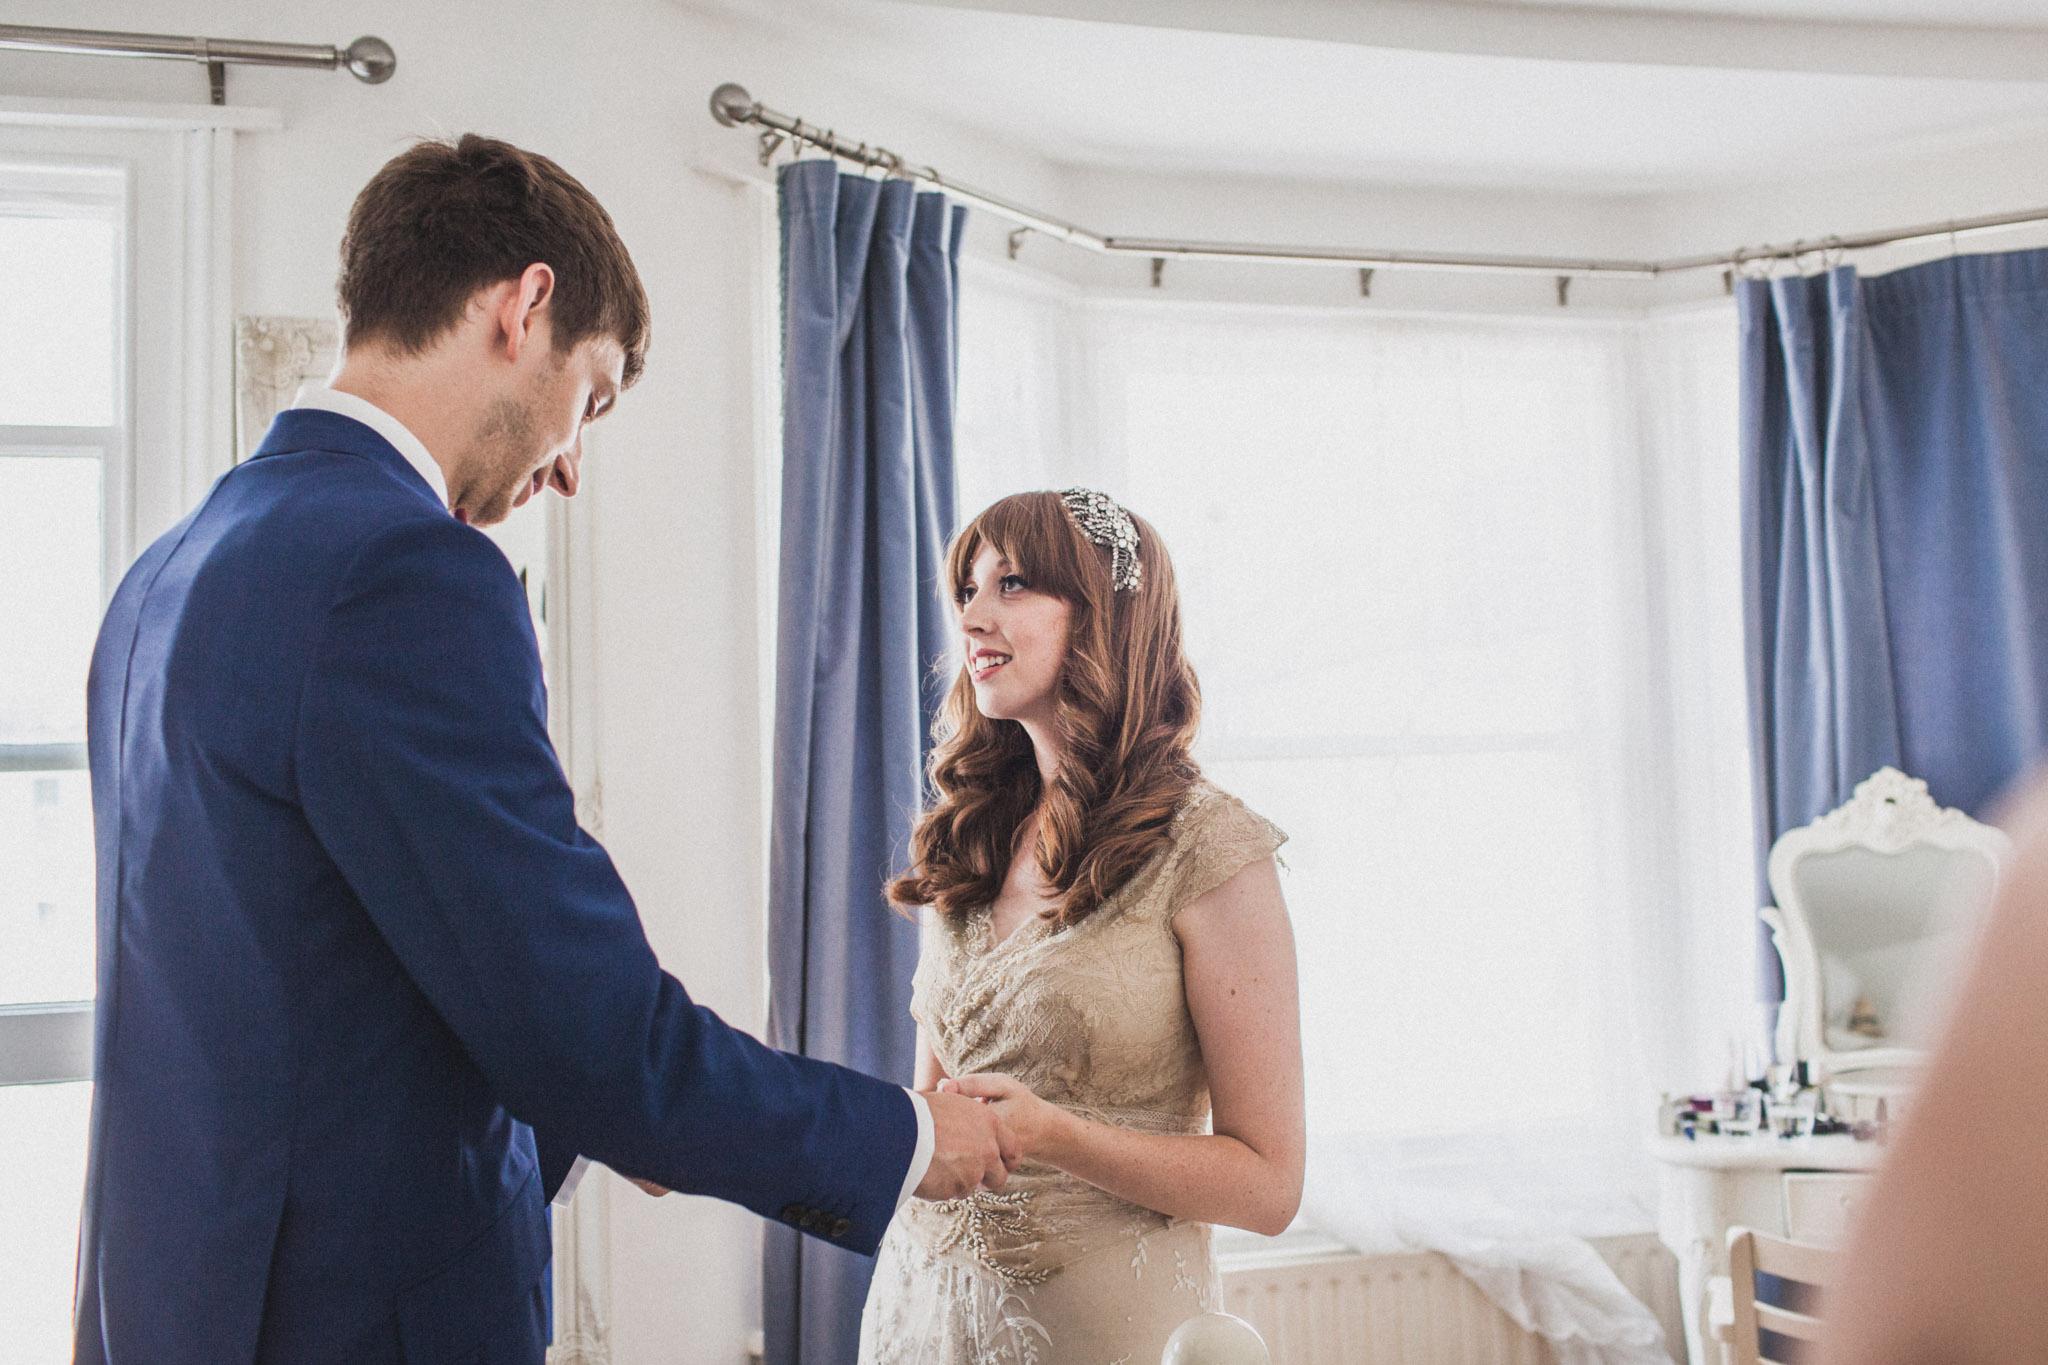 lewes_wedding_photographer_0016.jpg